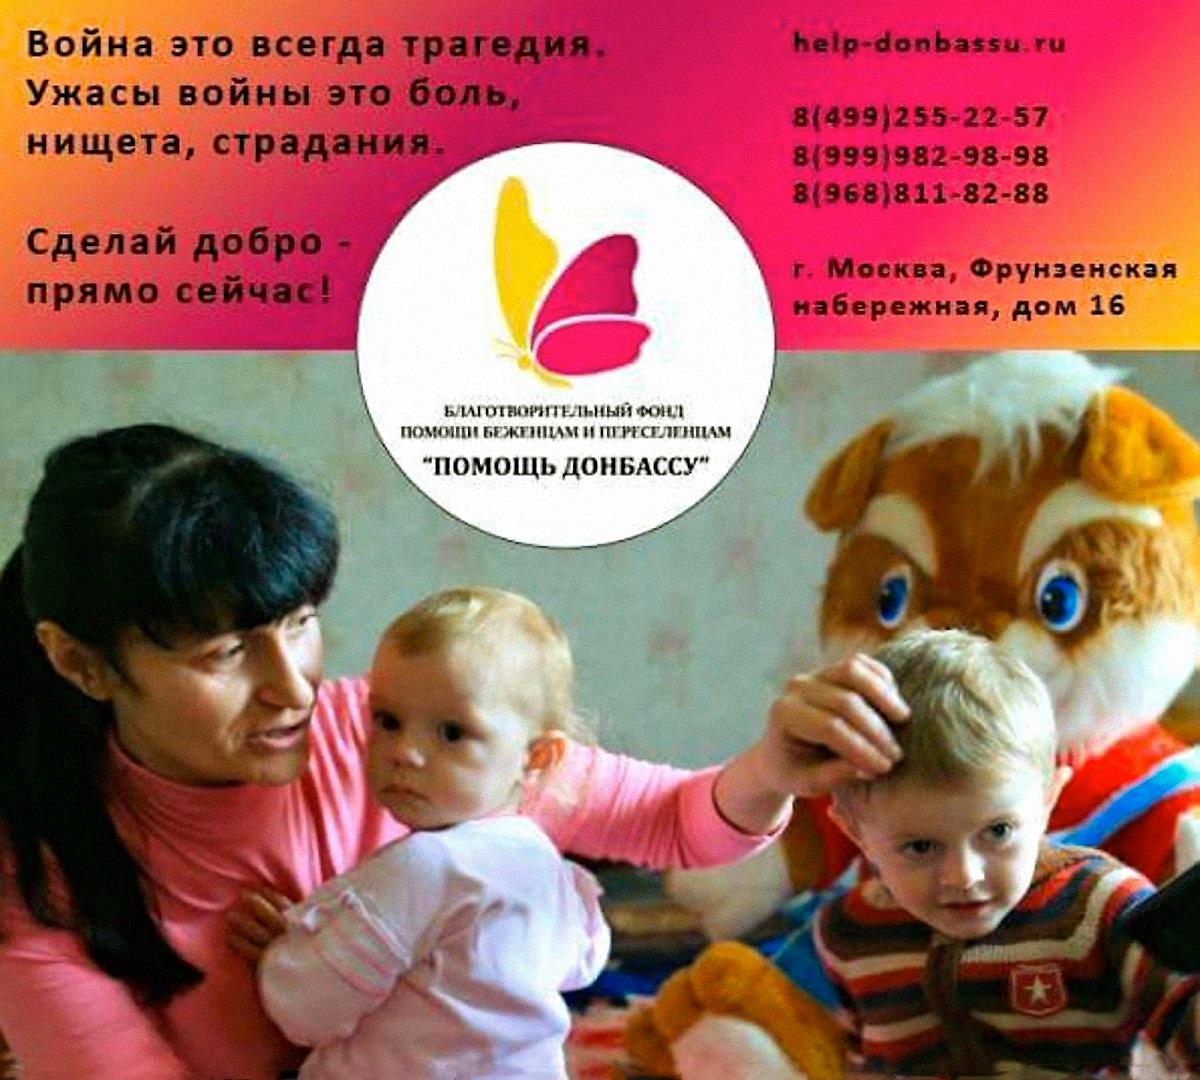 00 Donbass Aid 020416